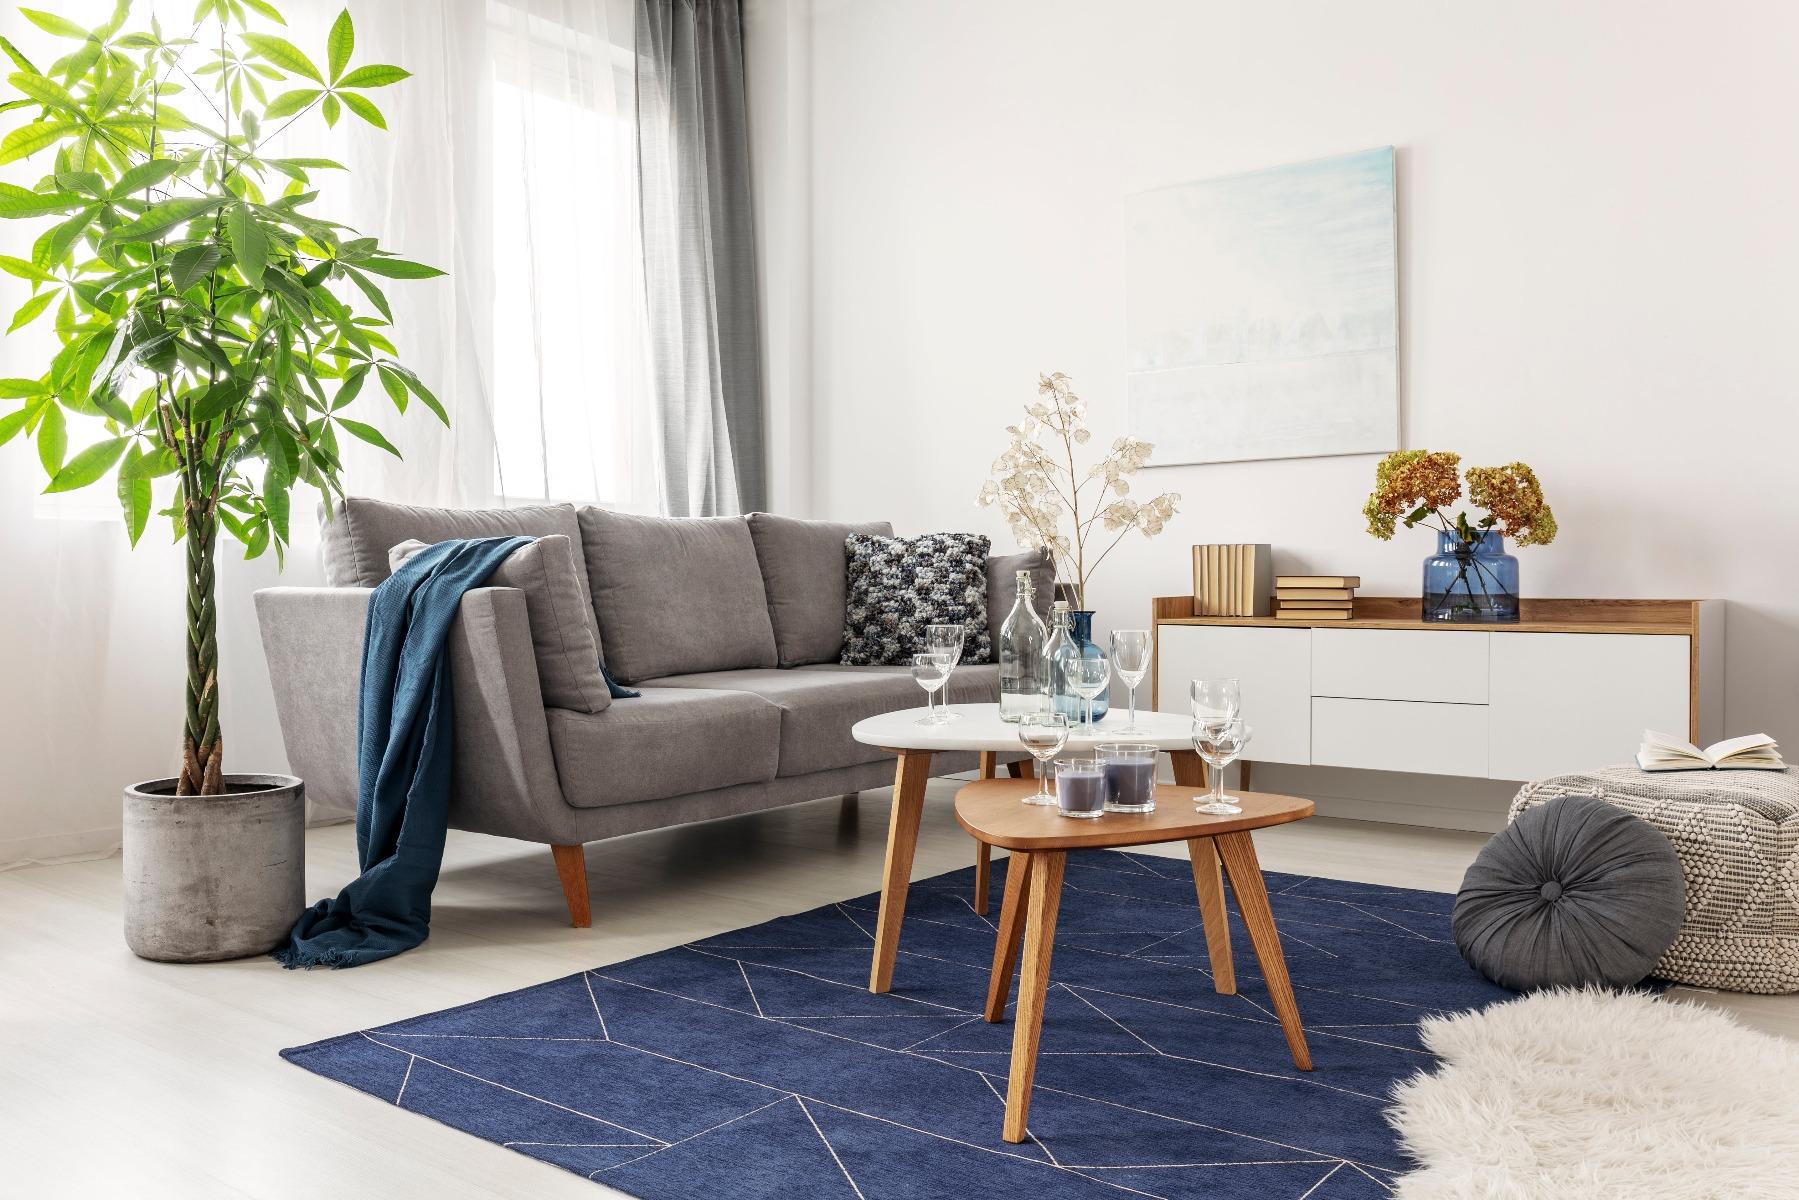 Das Bild zeigt ein Zimmer im skandinavischen Stil.